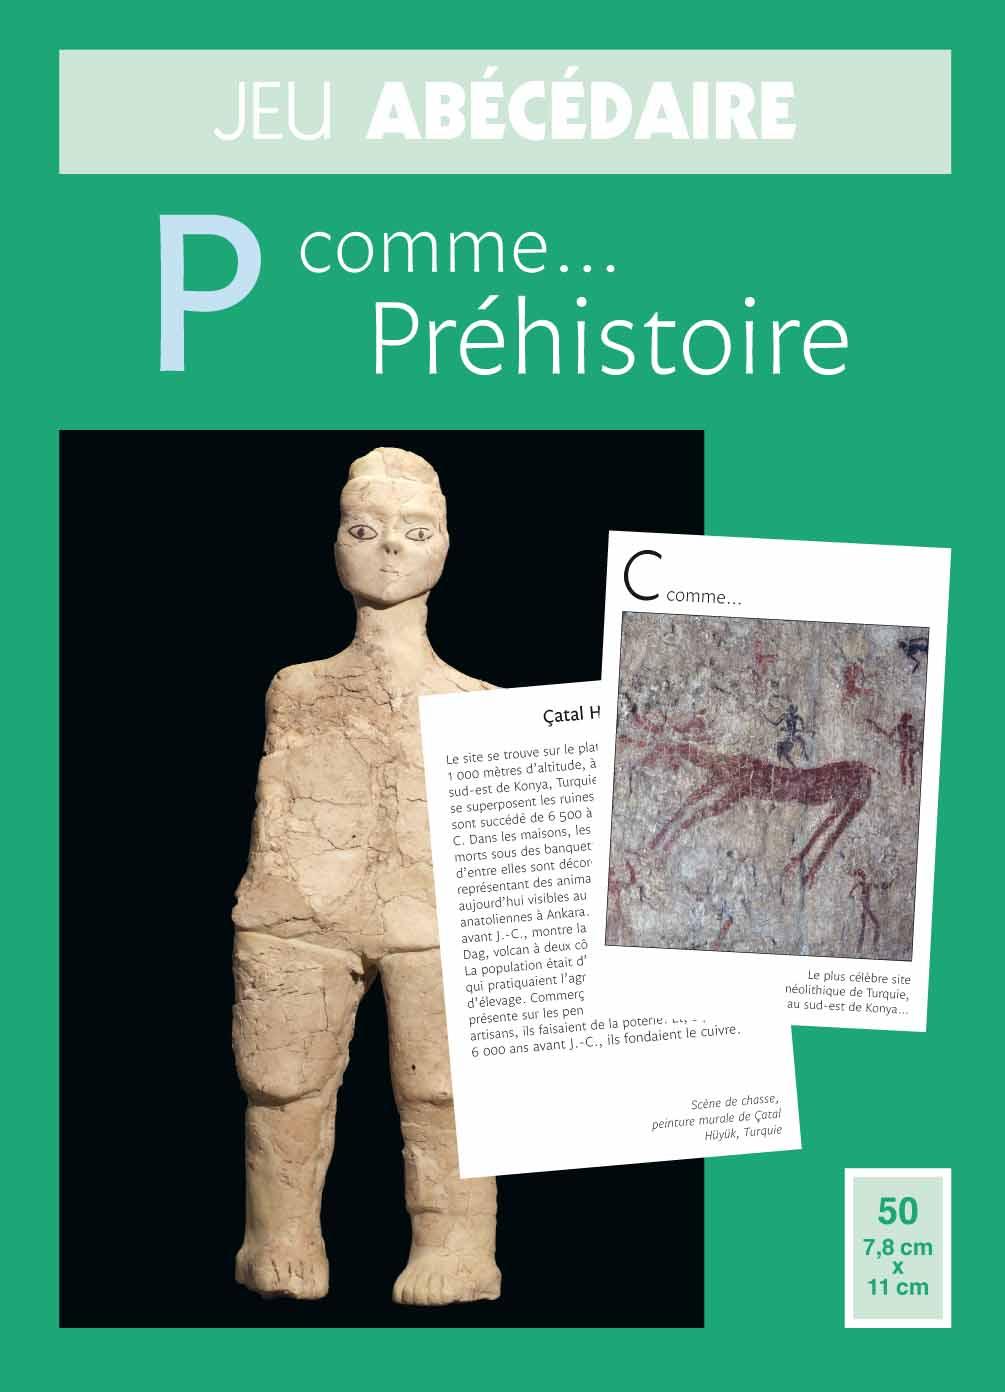 P comme… Prehistoire